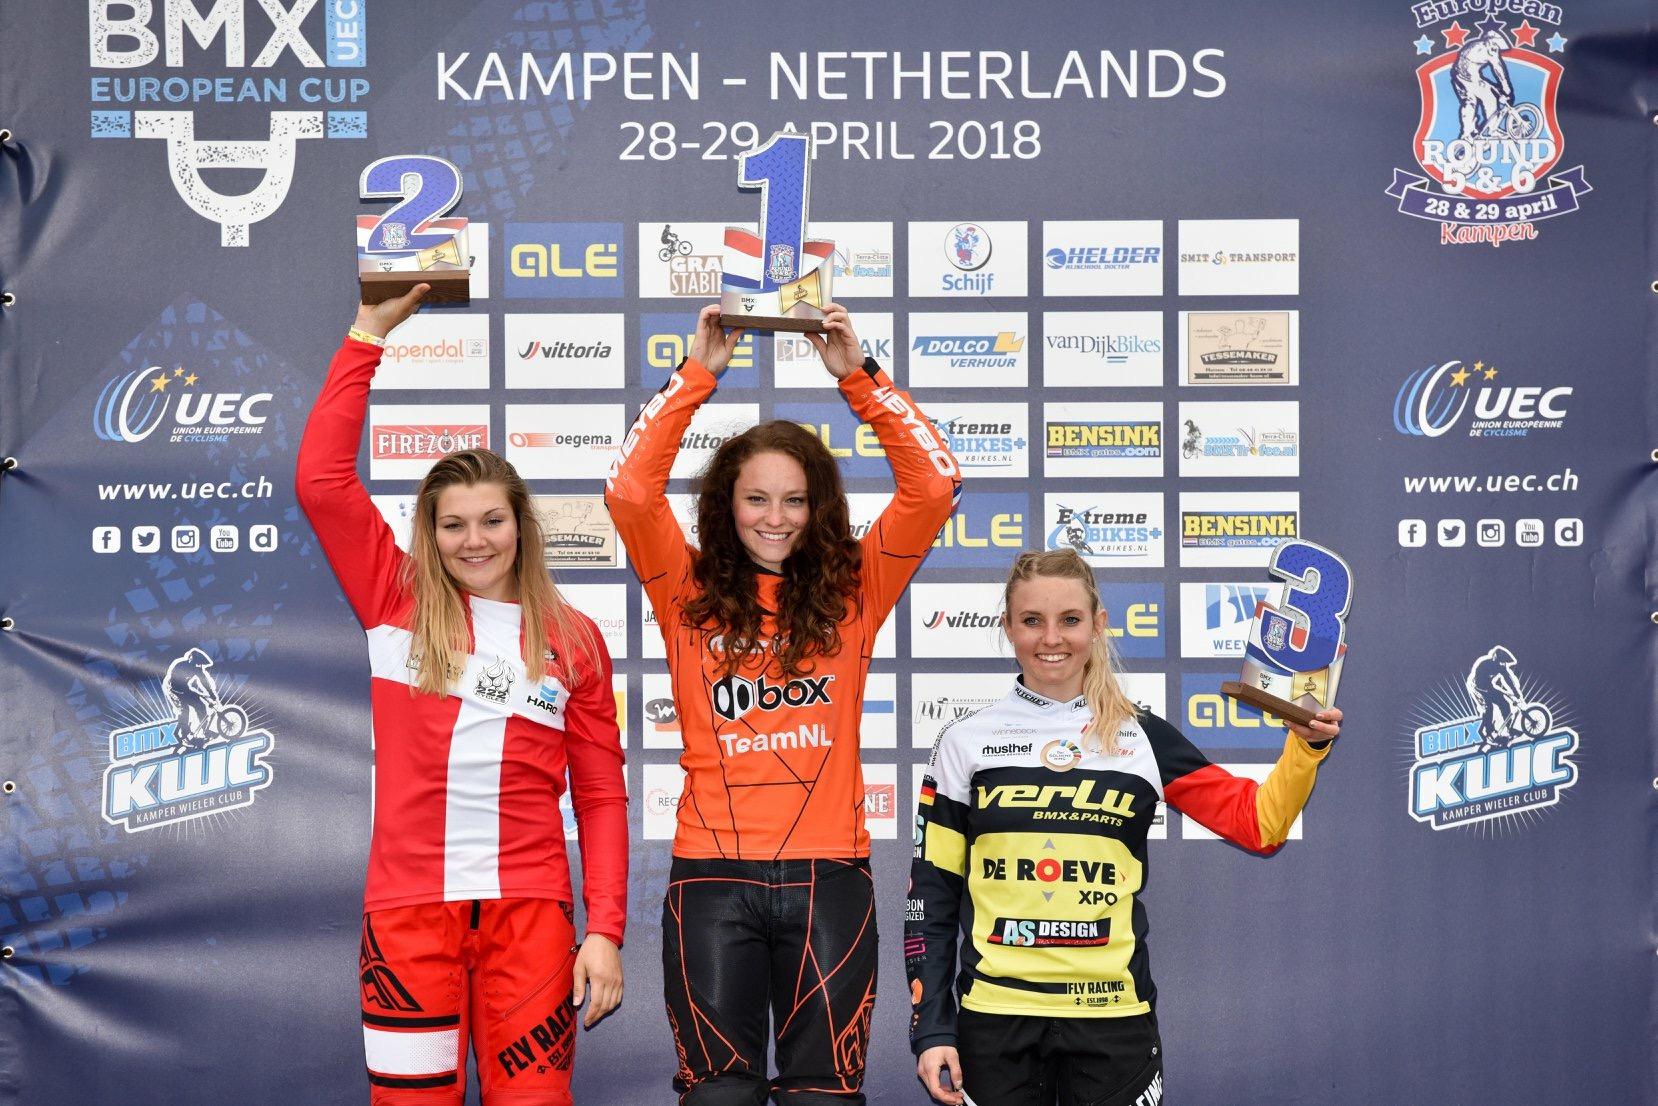 Judy Baauw op de eerste plaats op het podium in Kampen